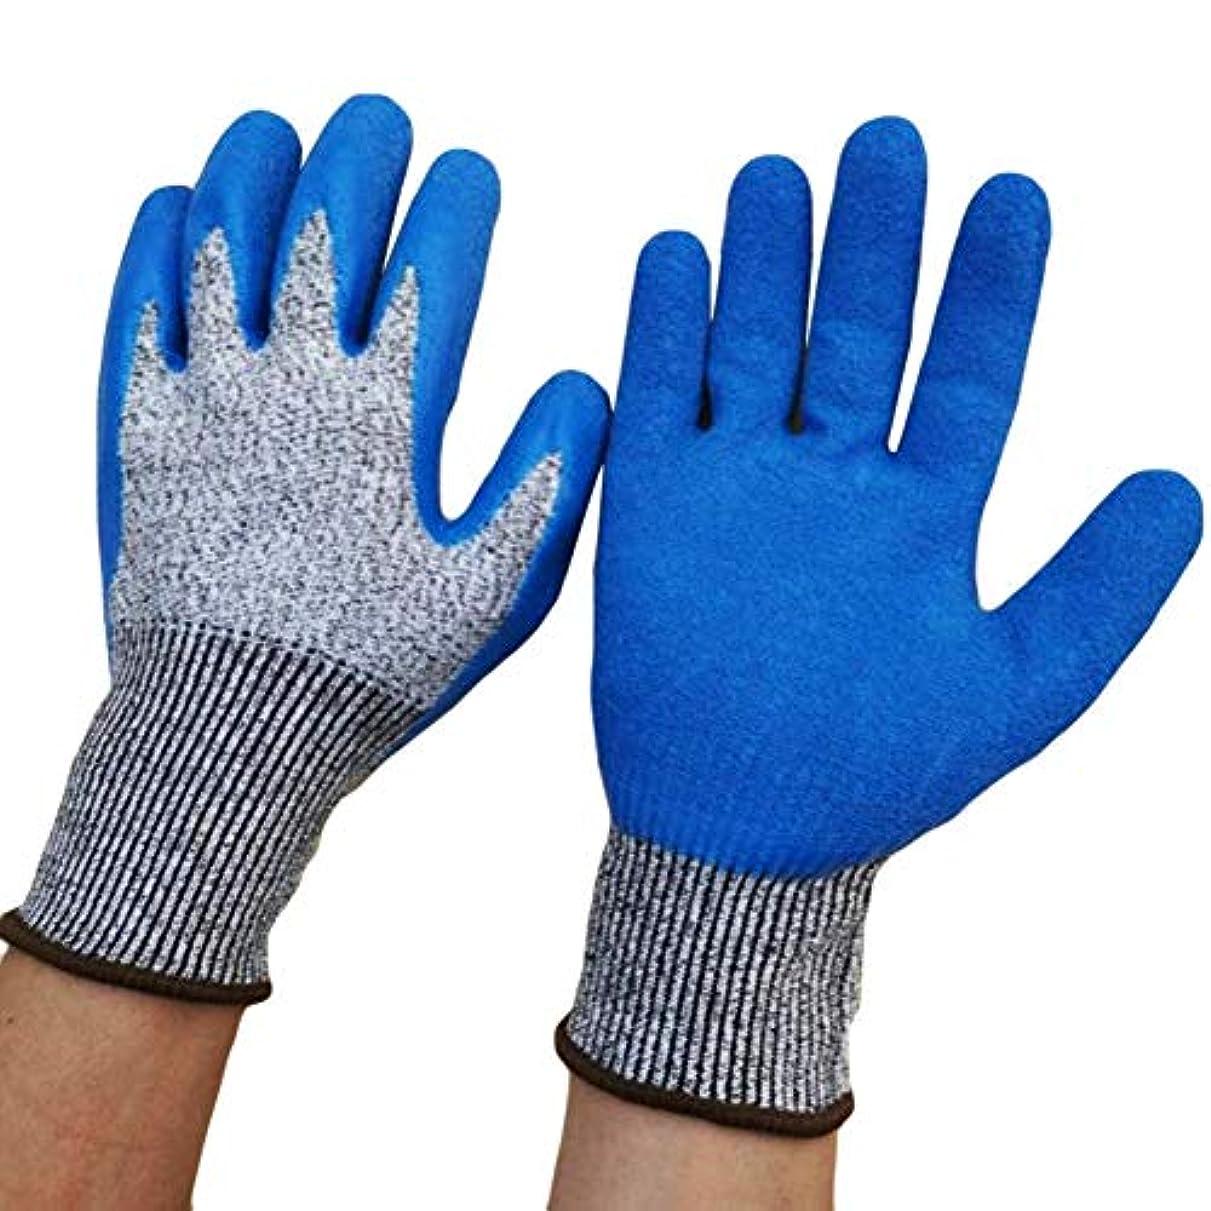 報いる伝える約設定カット耐性手袋-食品グレード、登り防止カット手袋安全カット証明、耐刺傷性レベル5保護作業、キッチン肉屋屋外探索カット耐性グローブ